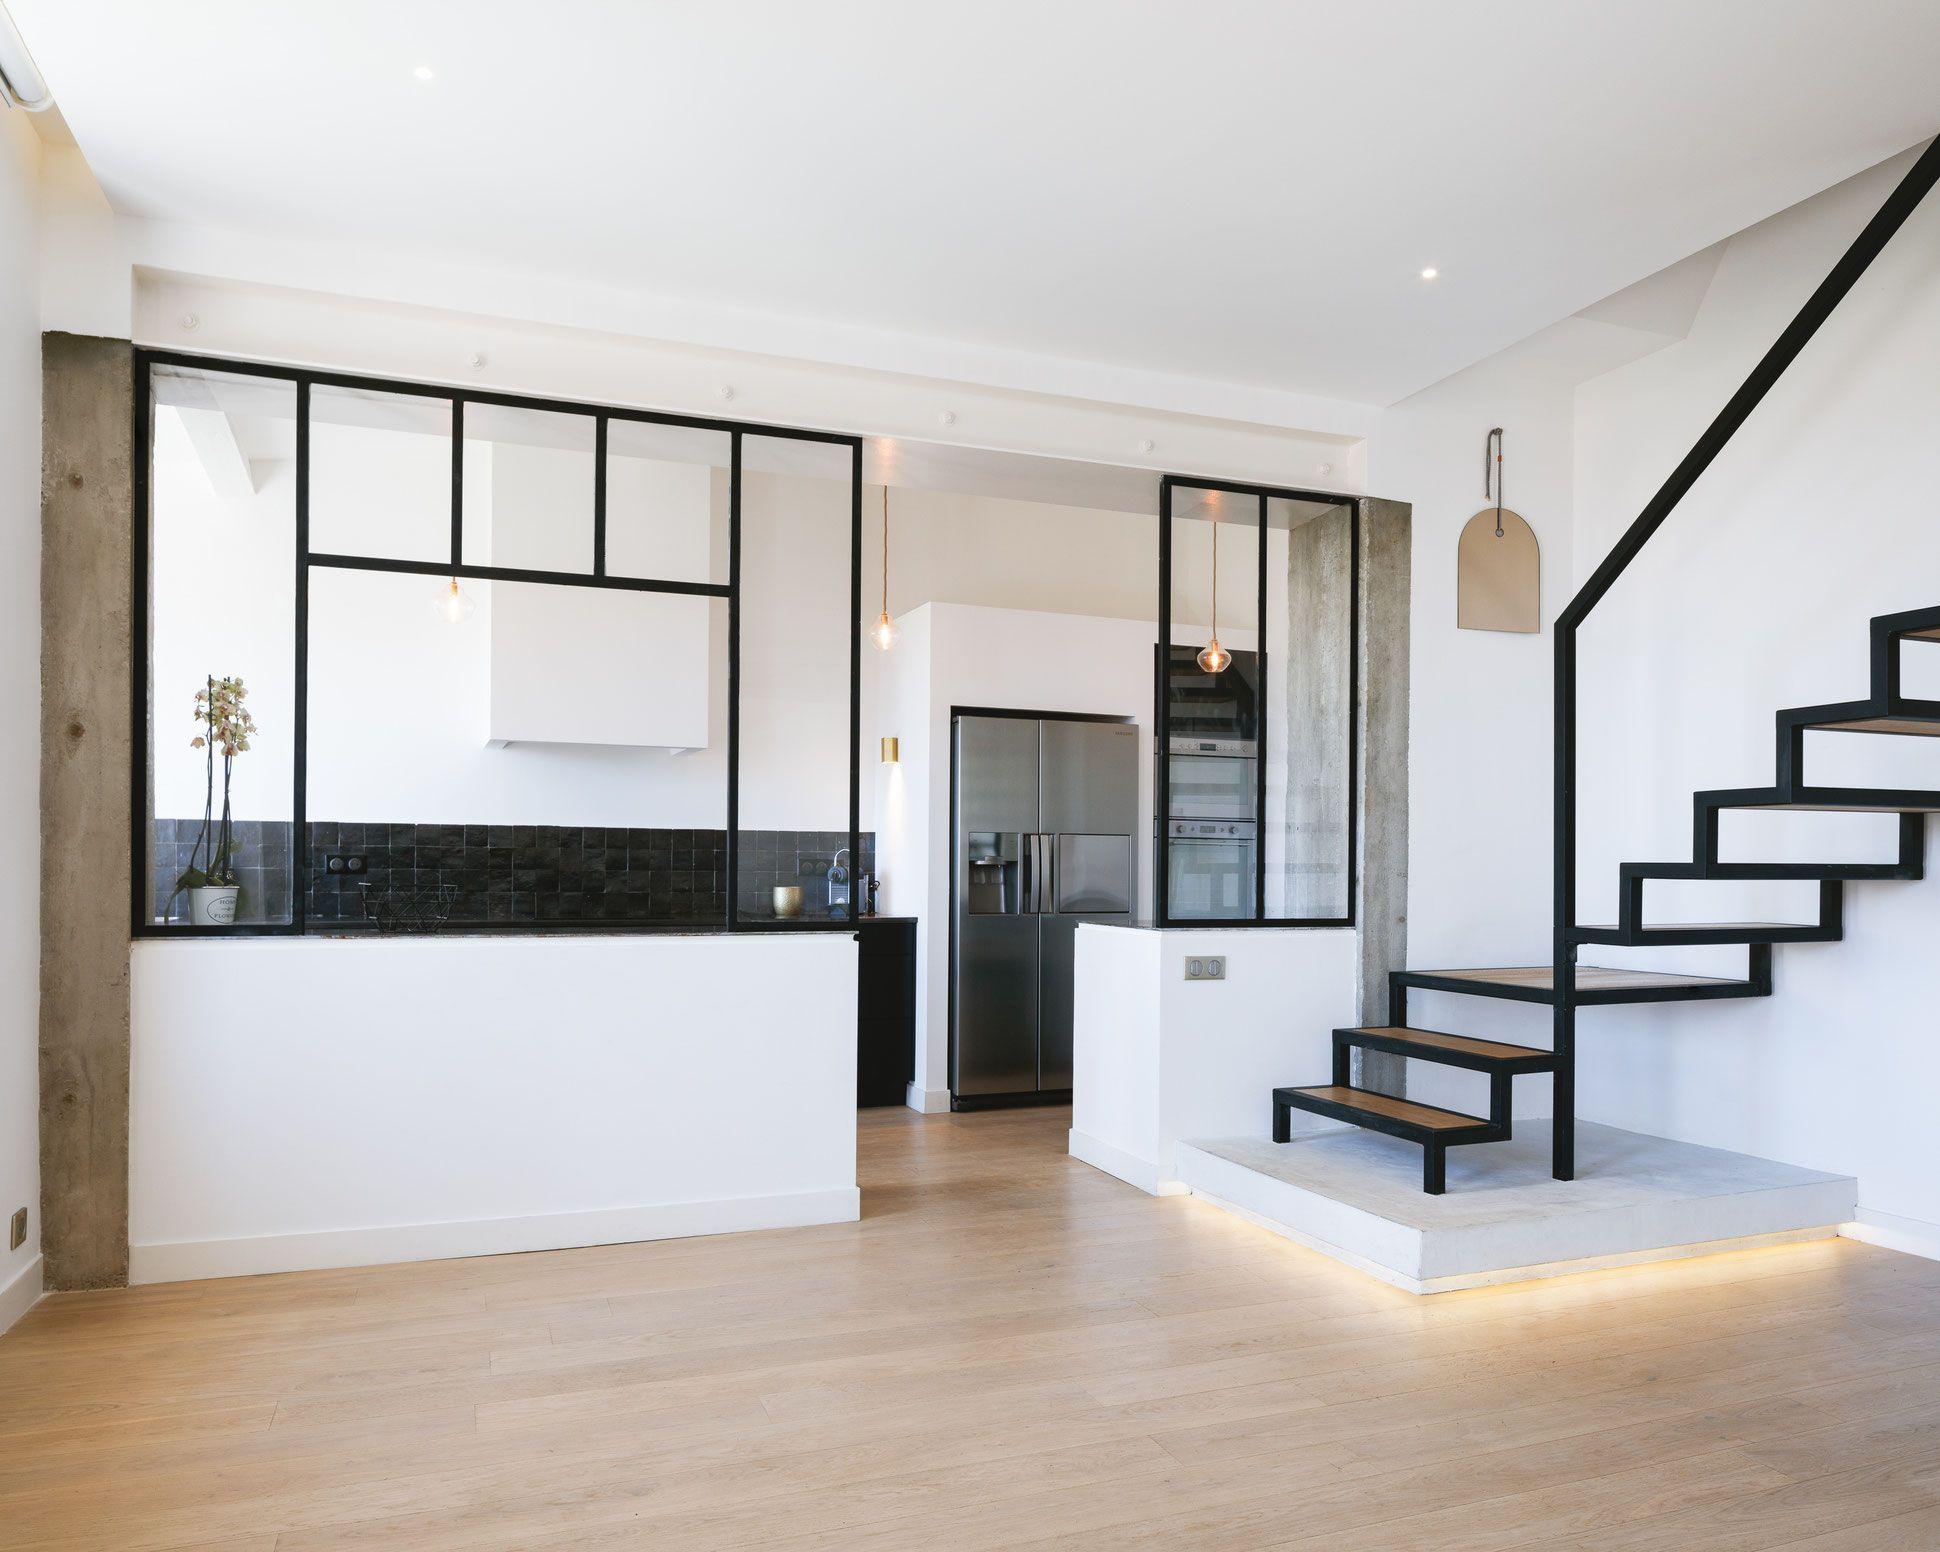 bertrand guillon architecture architecte marseille maison gm r novation int rieur. Black Bedroom Furniture Sets. Home Design Ideas